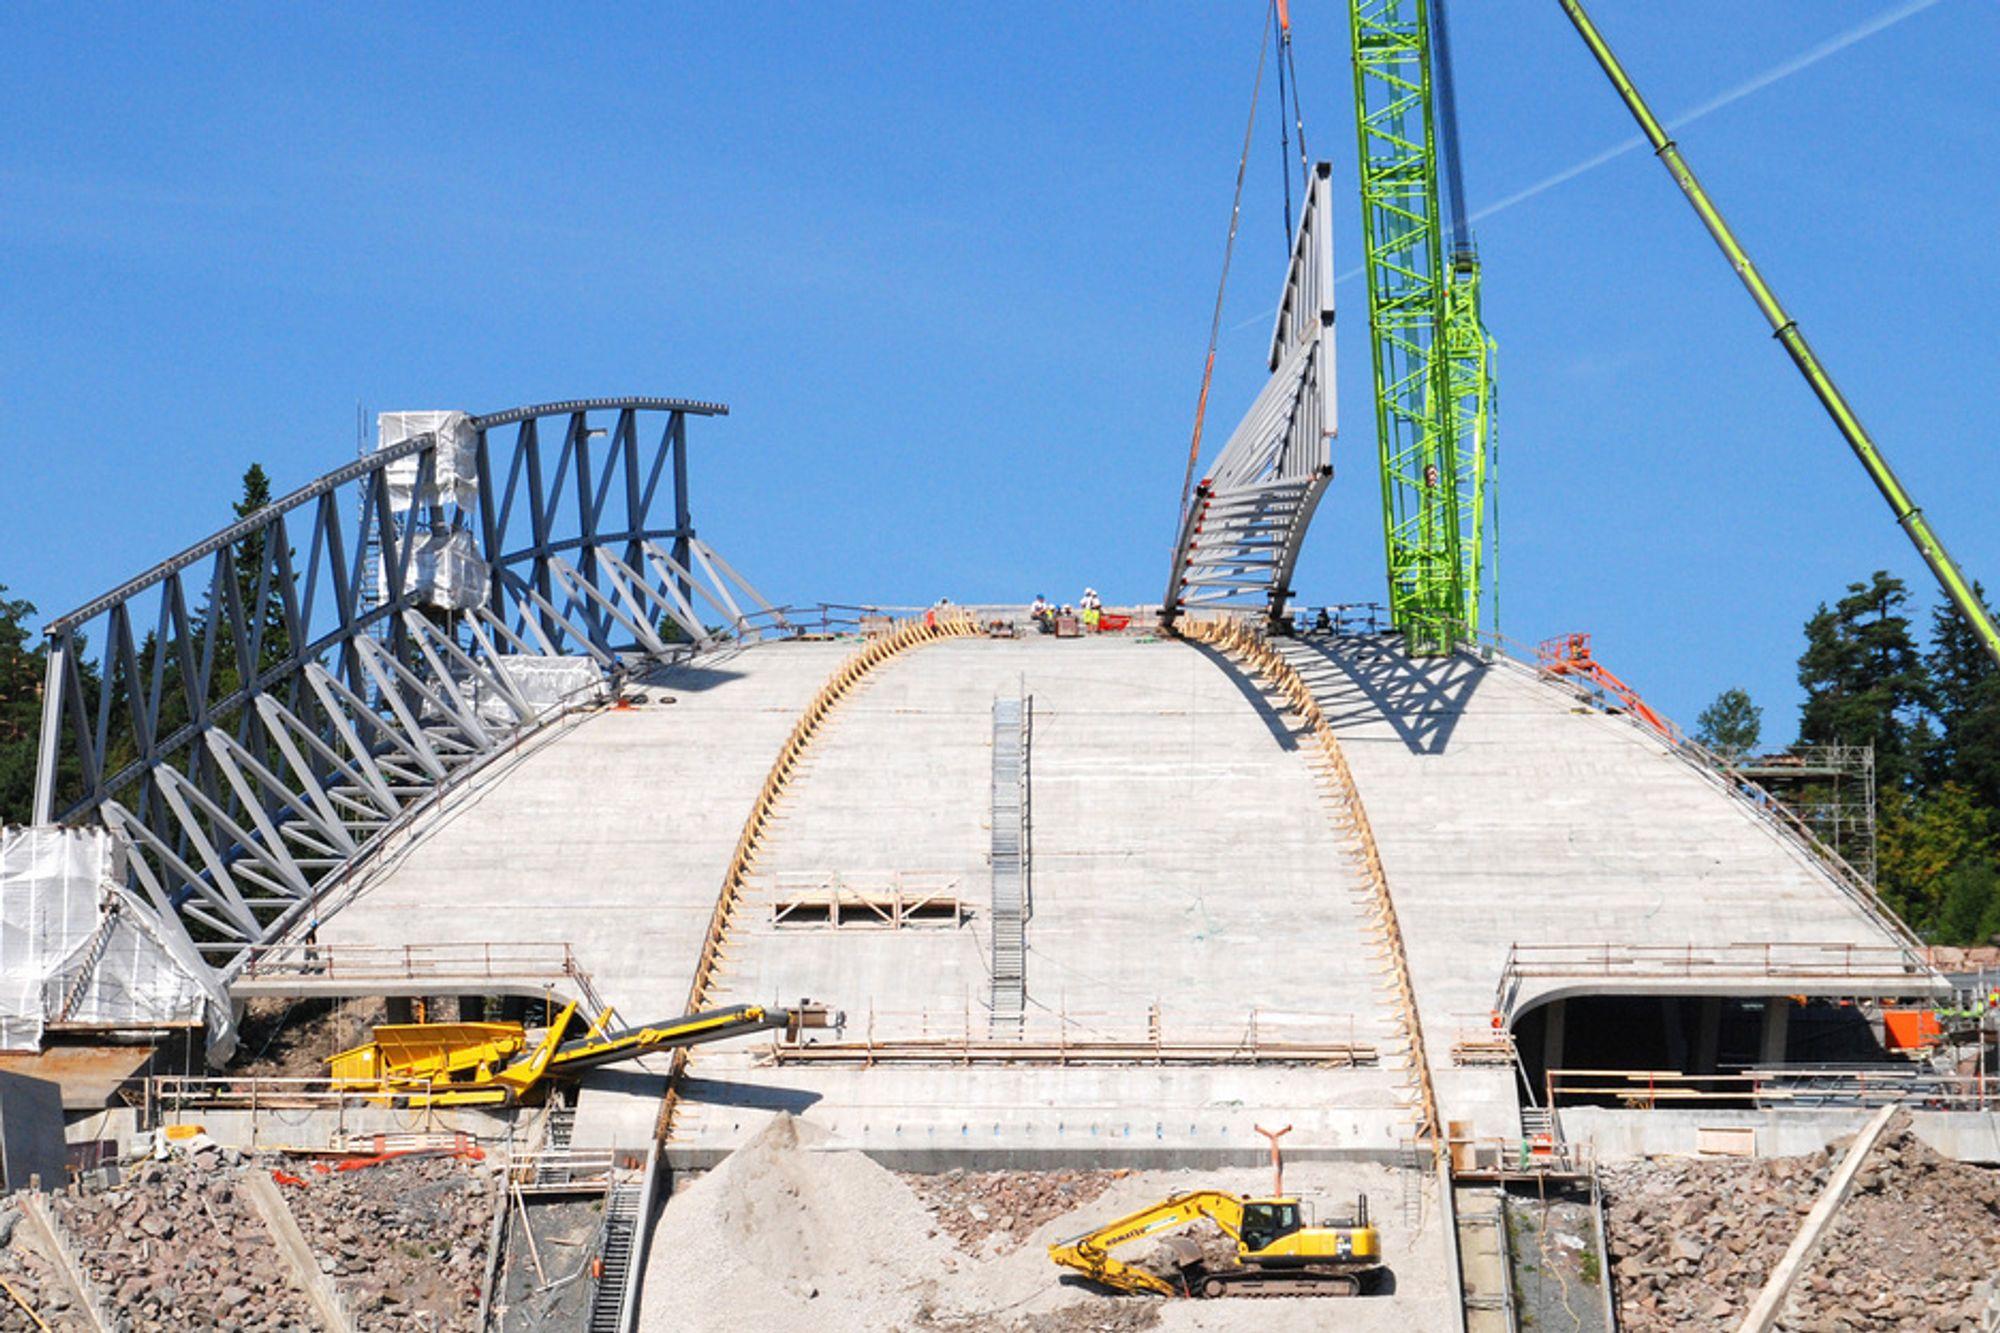 TRØBBEL: Kostnadspress, uklare kontrakter og manglende byggeledelse frustrerte prosjektledelsen og ga budsjettsprekk i Holmenkollen.